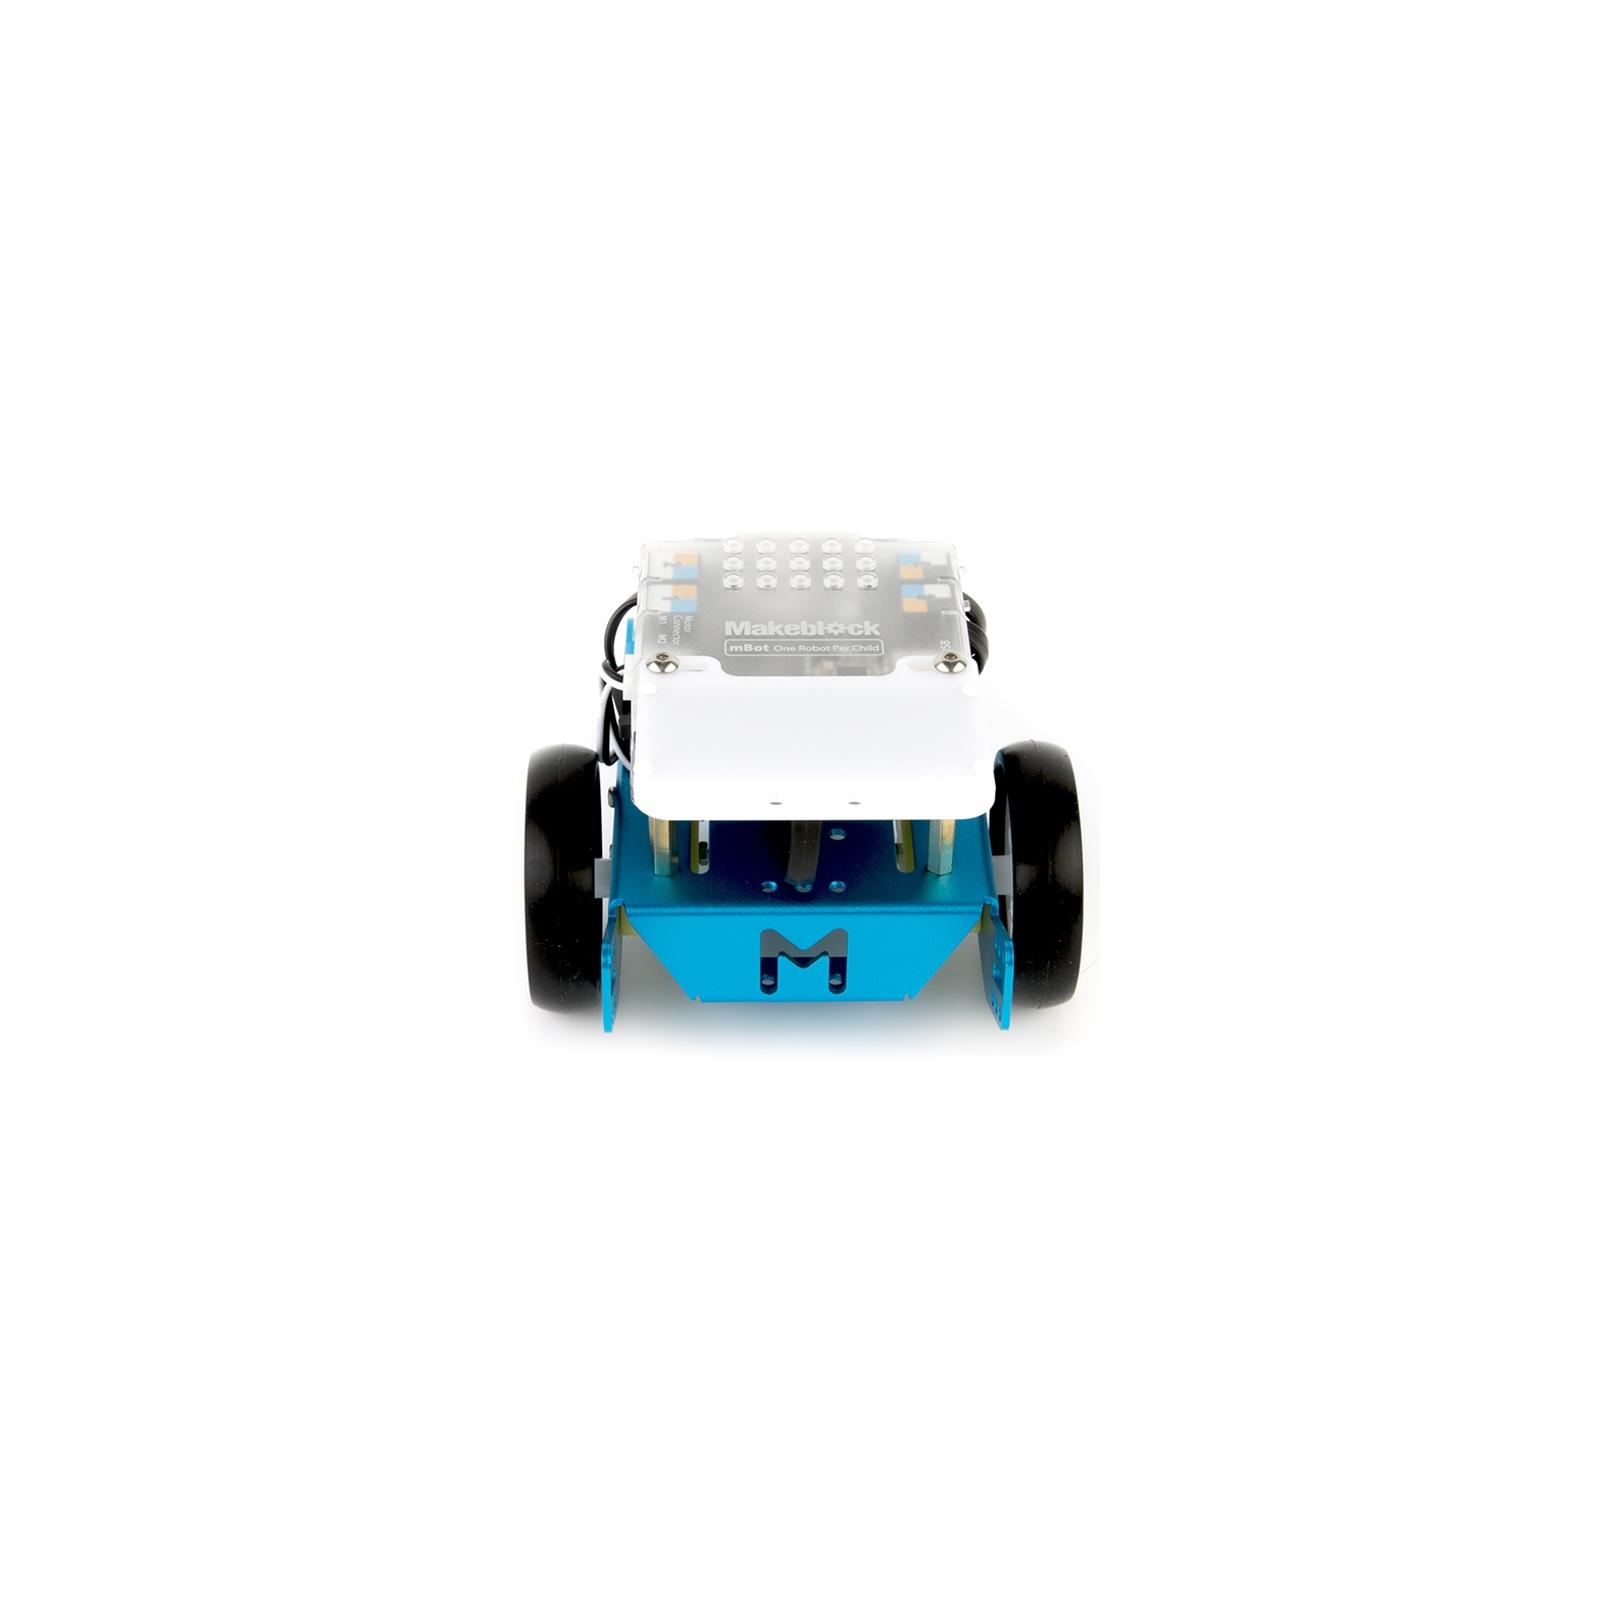 Робот Makeblock mBot S (P1010045) изображение 5